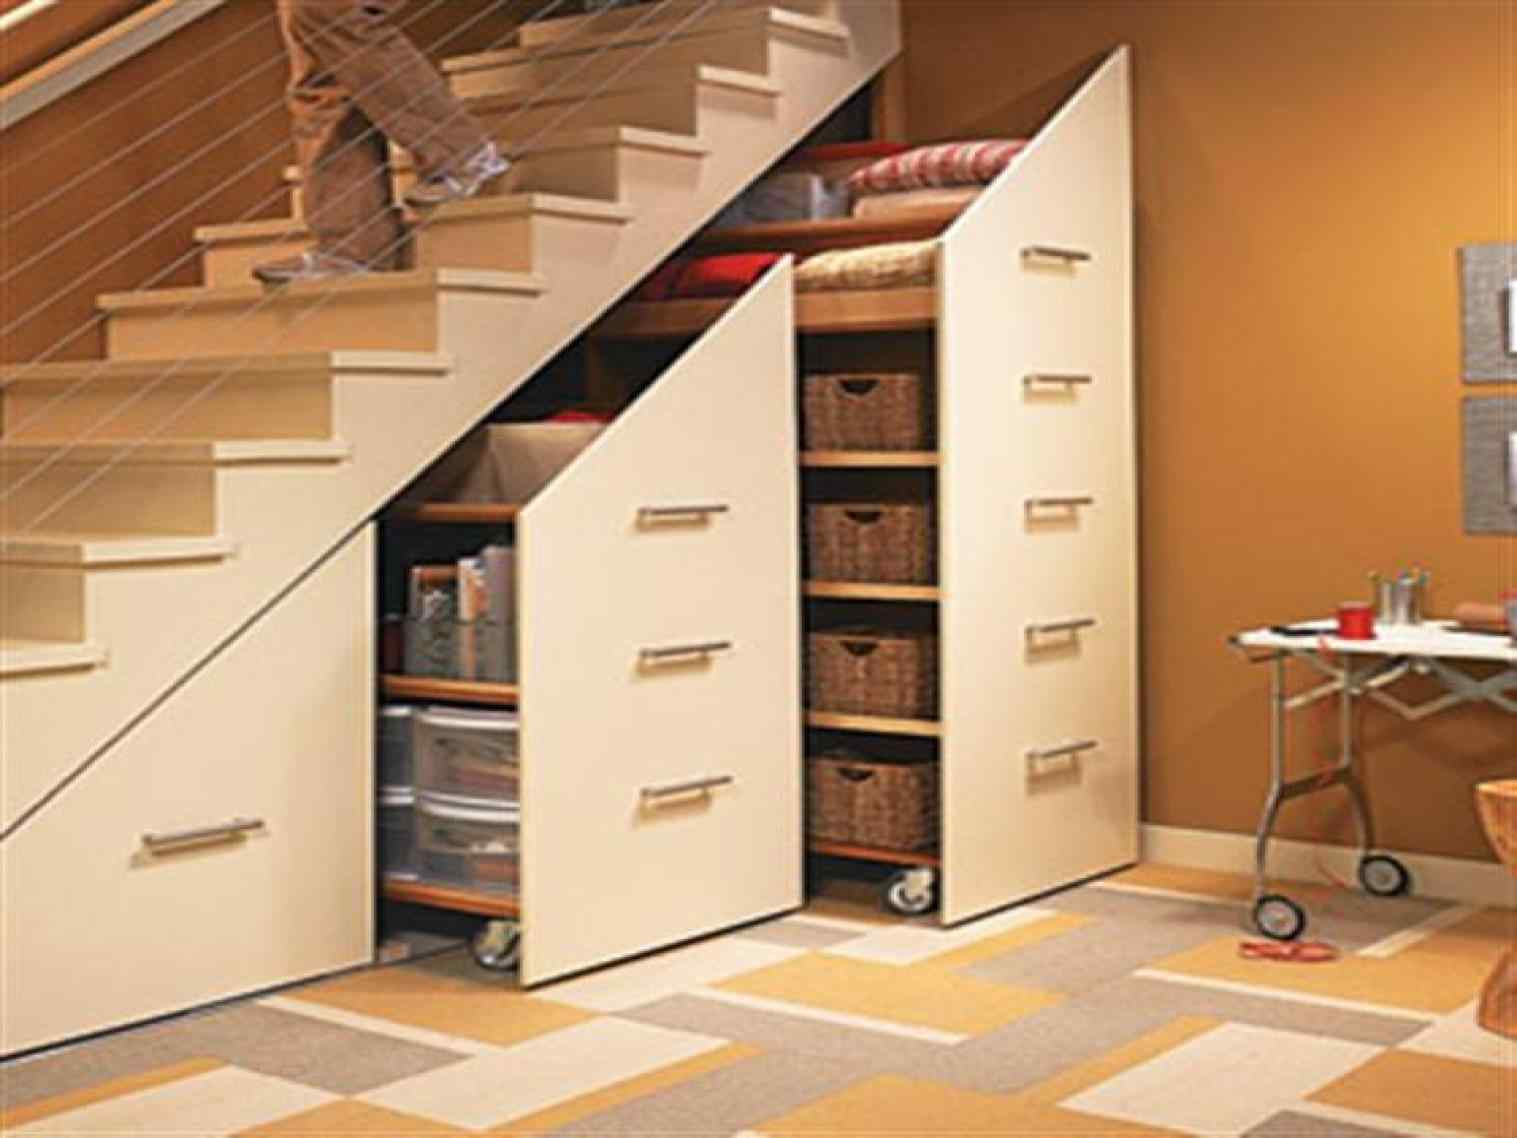 Как оформить пространство под лестницей: идеи для оформления с фото